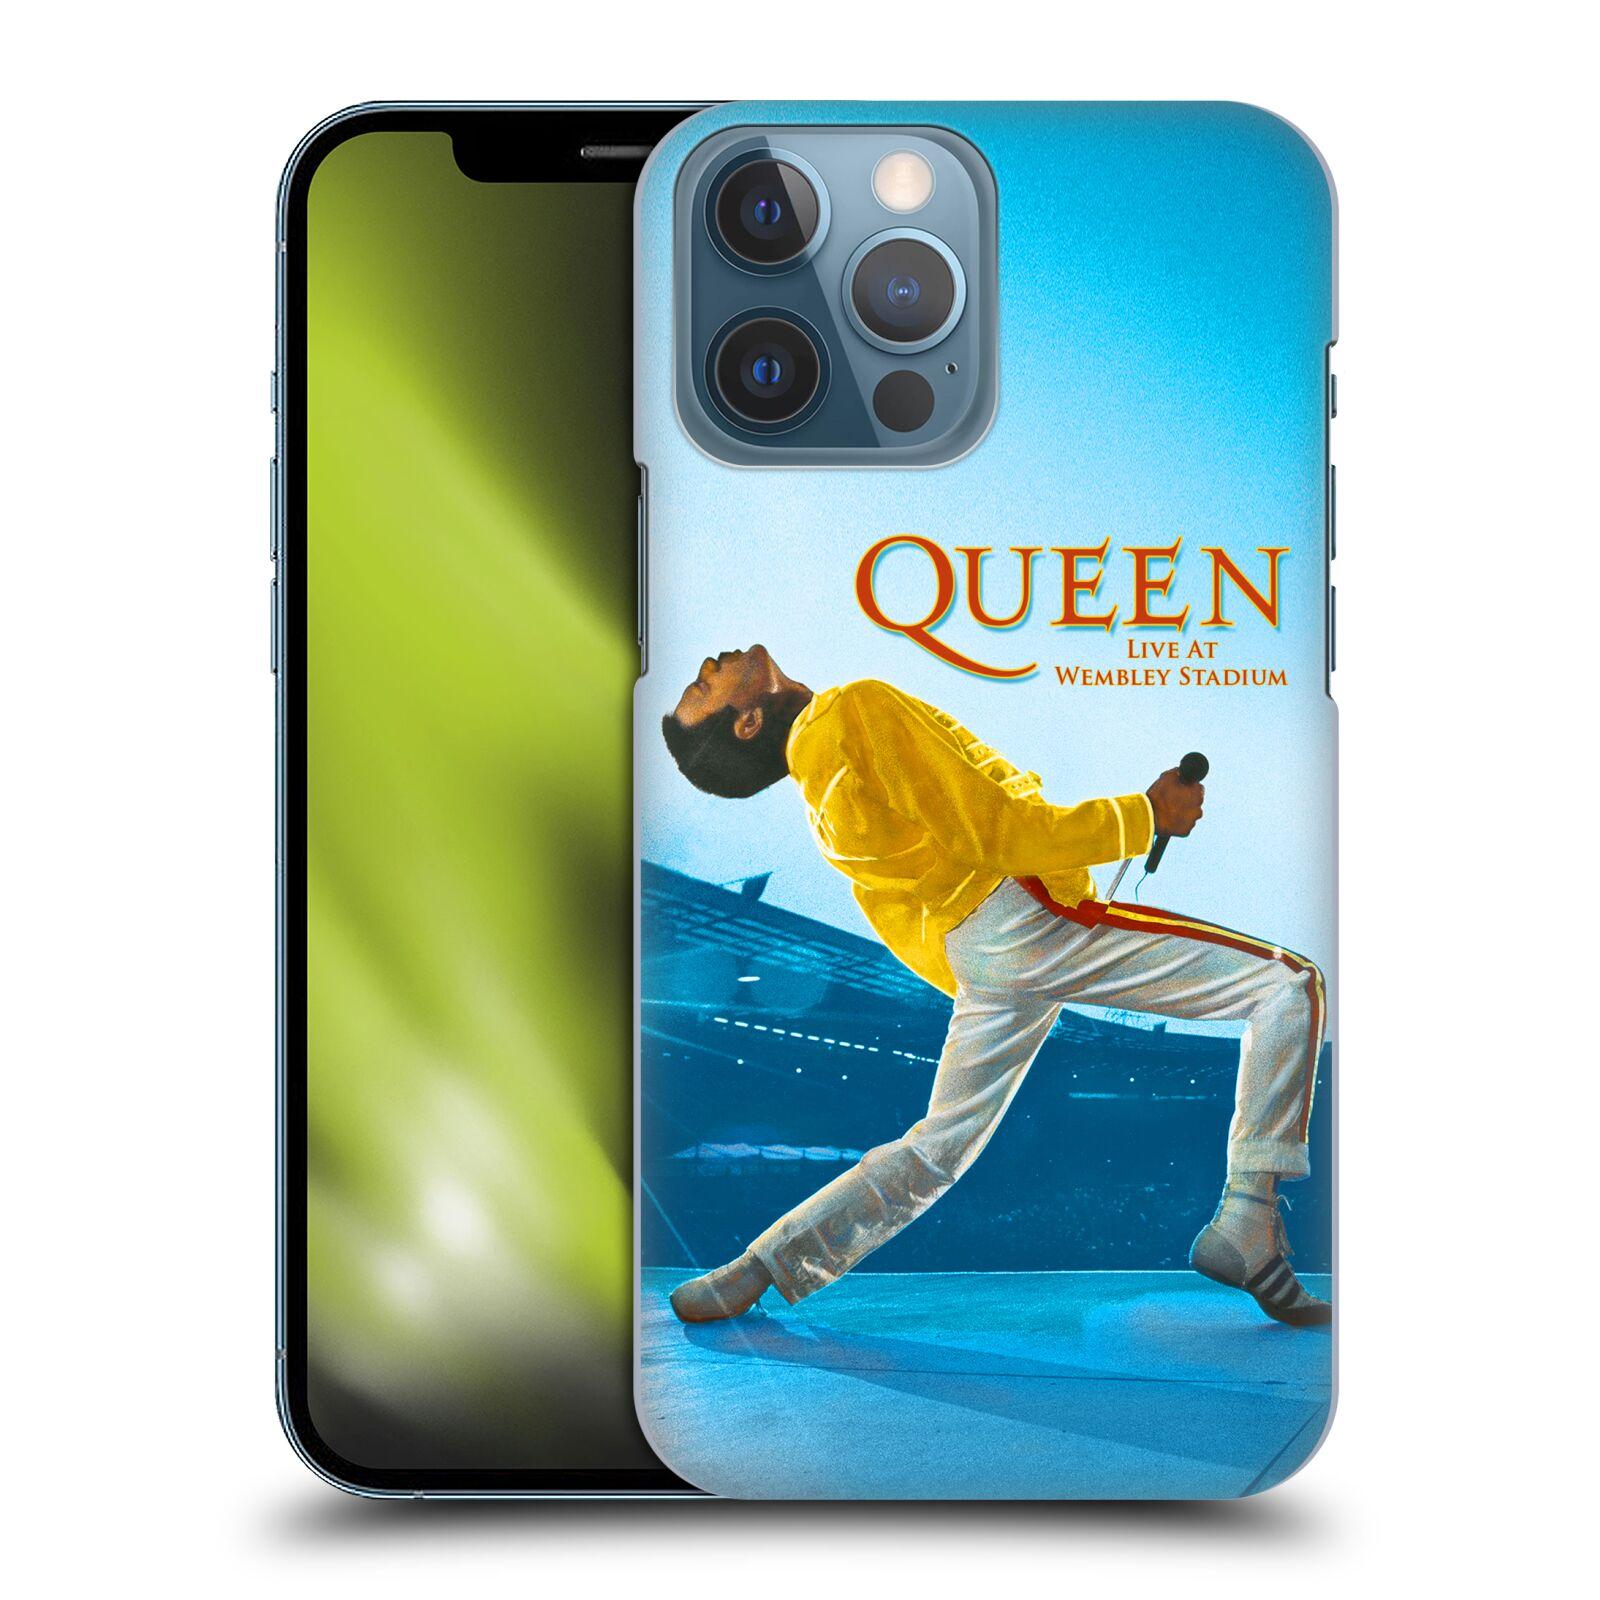 Plastové pouzdro na mobil Apple iPhone 13 Pro Max - Head Case - Queen - Freddie Mercury